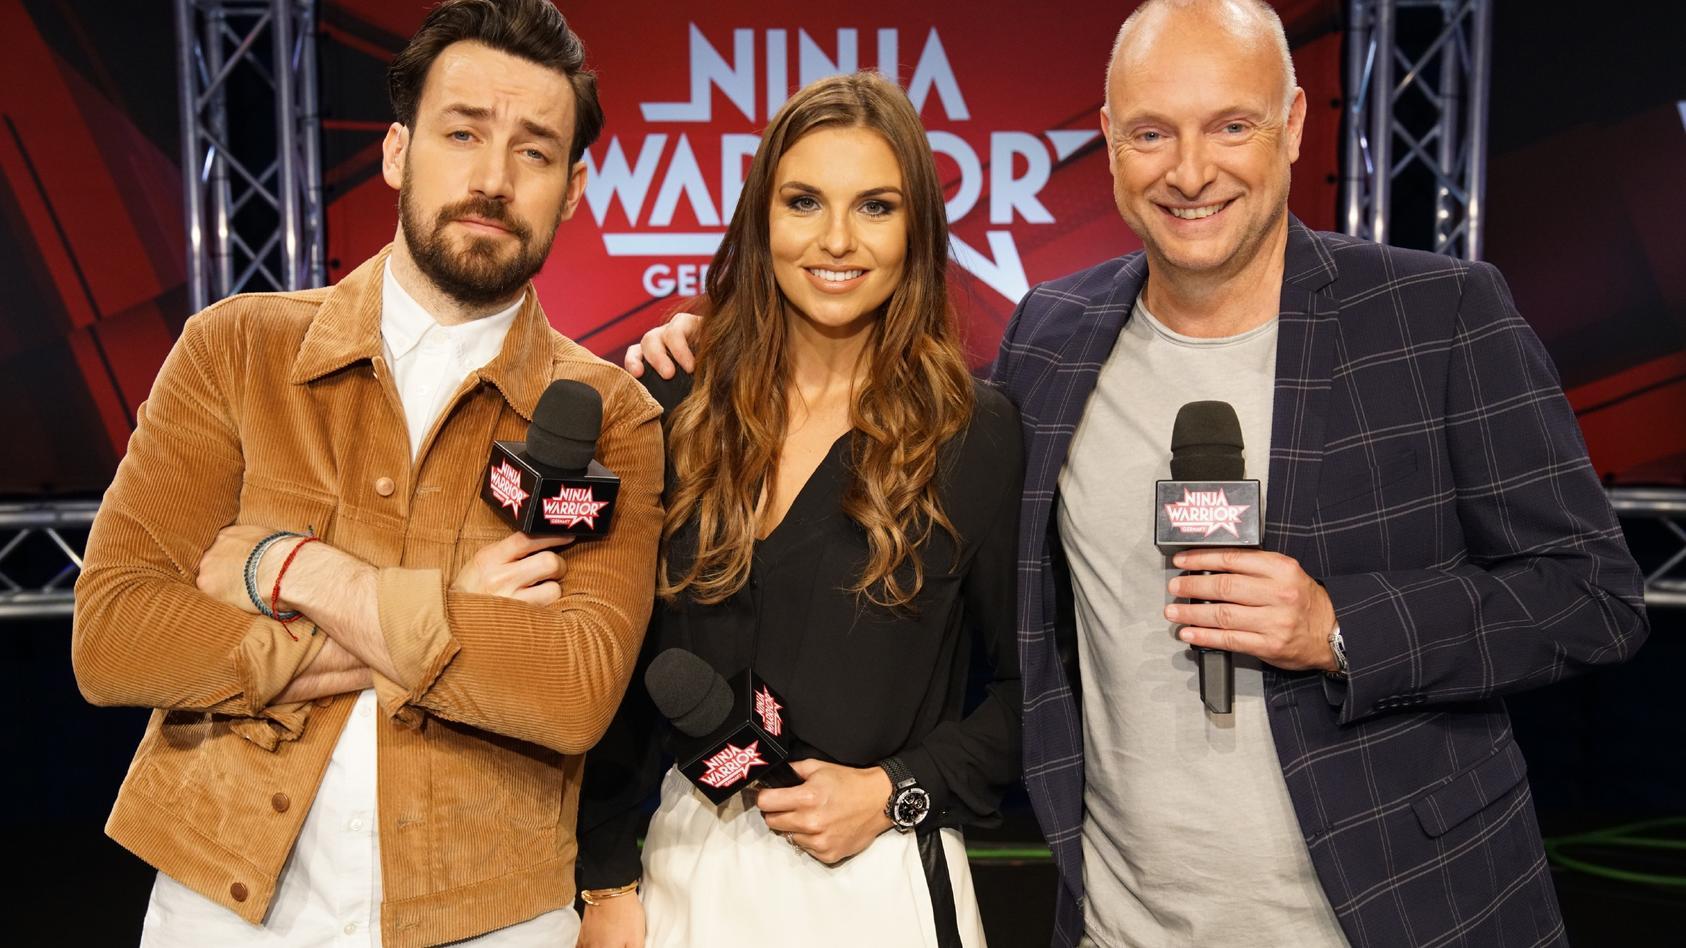 """Auch in der dritten Staffel ist das """"Ninja Warrior Germany""""-Dreiergespann wieder am Start: Jan Köppen, Laura Wontorra und Frank """"Buschi"""" Buschmann moderieren und kommentieren die actiongeladene Show."""